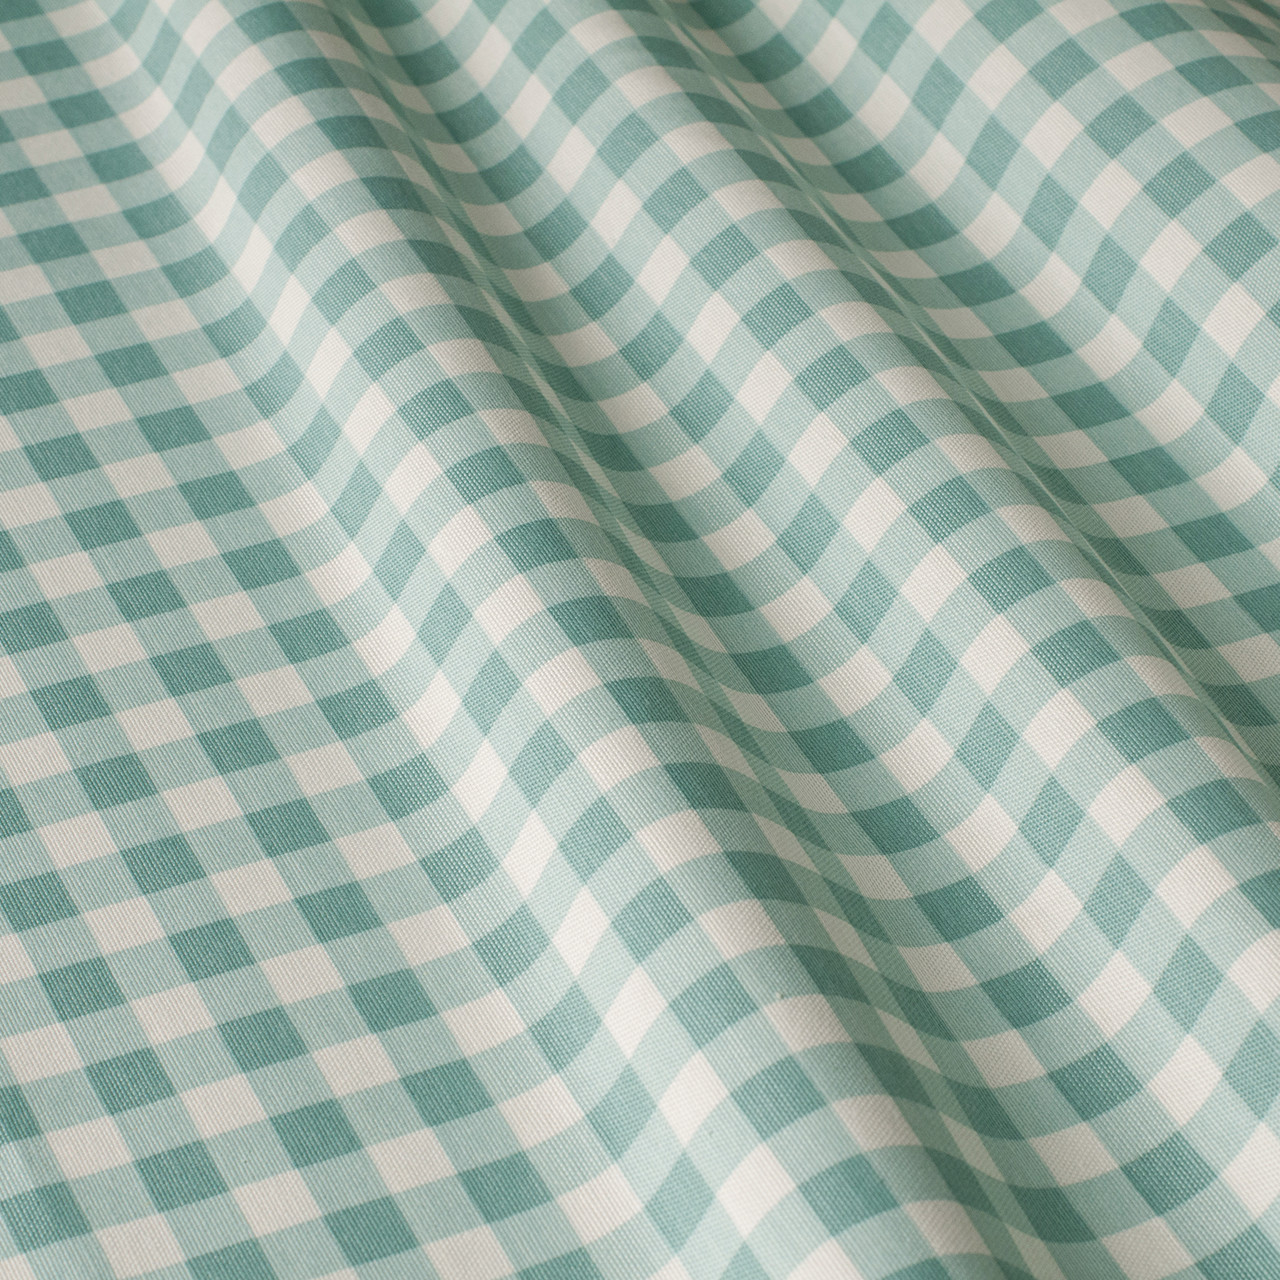 Декоративная ткань в мелкую клетку бело-зеленого цвета 180 см 84579v33